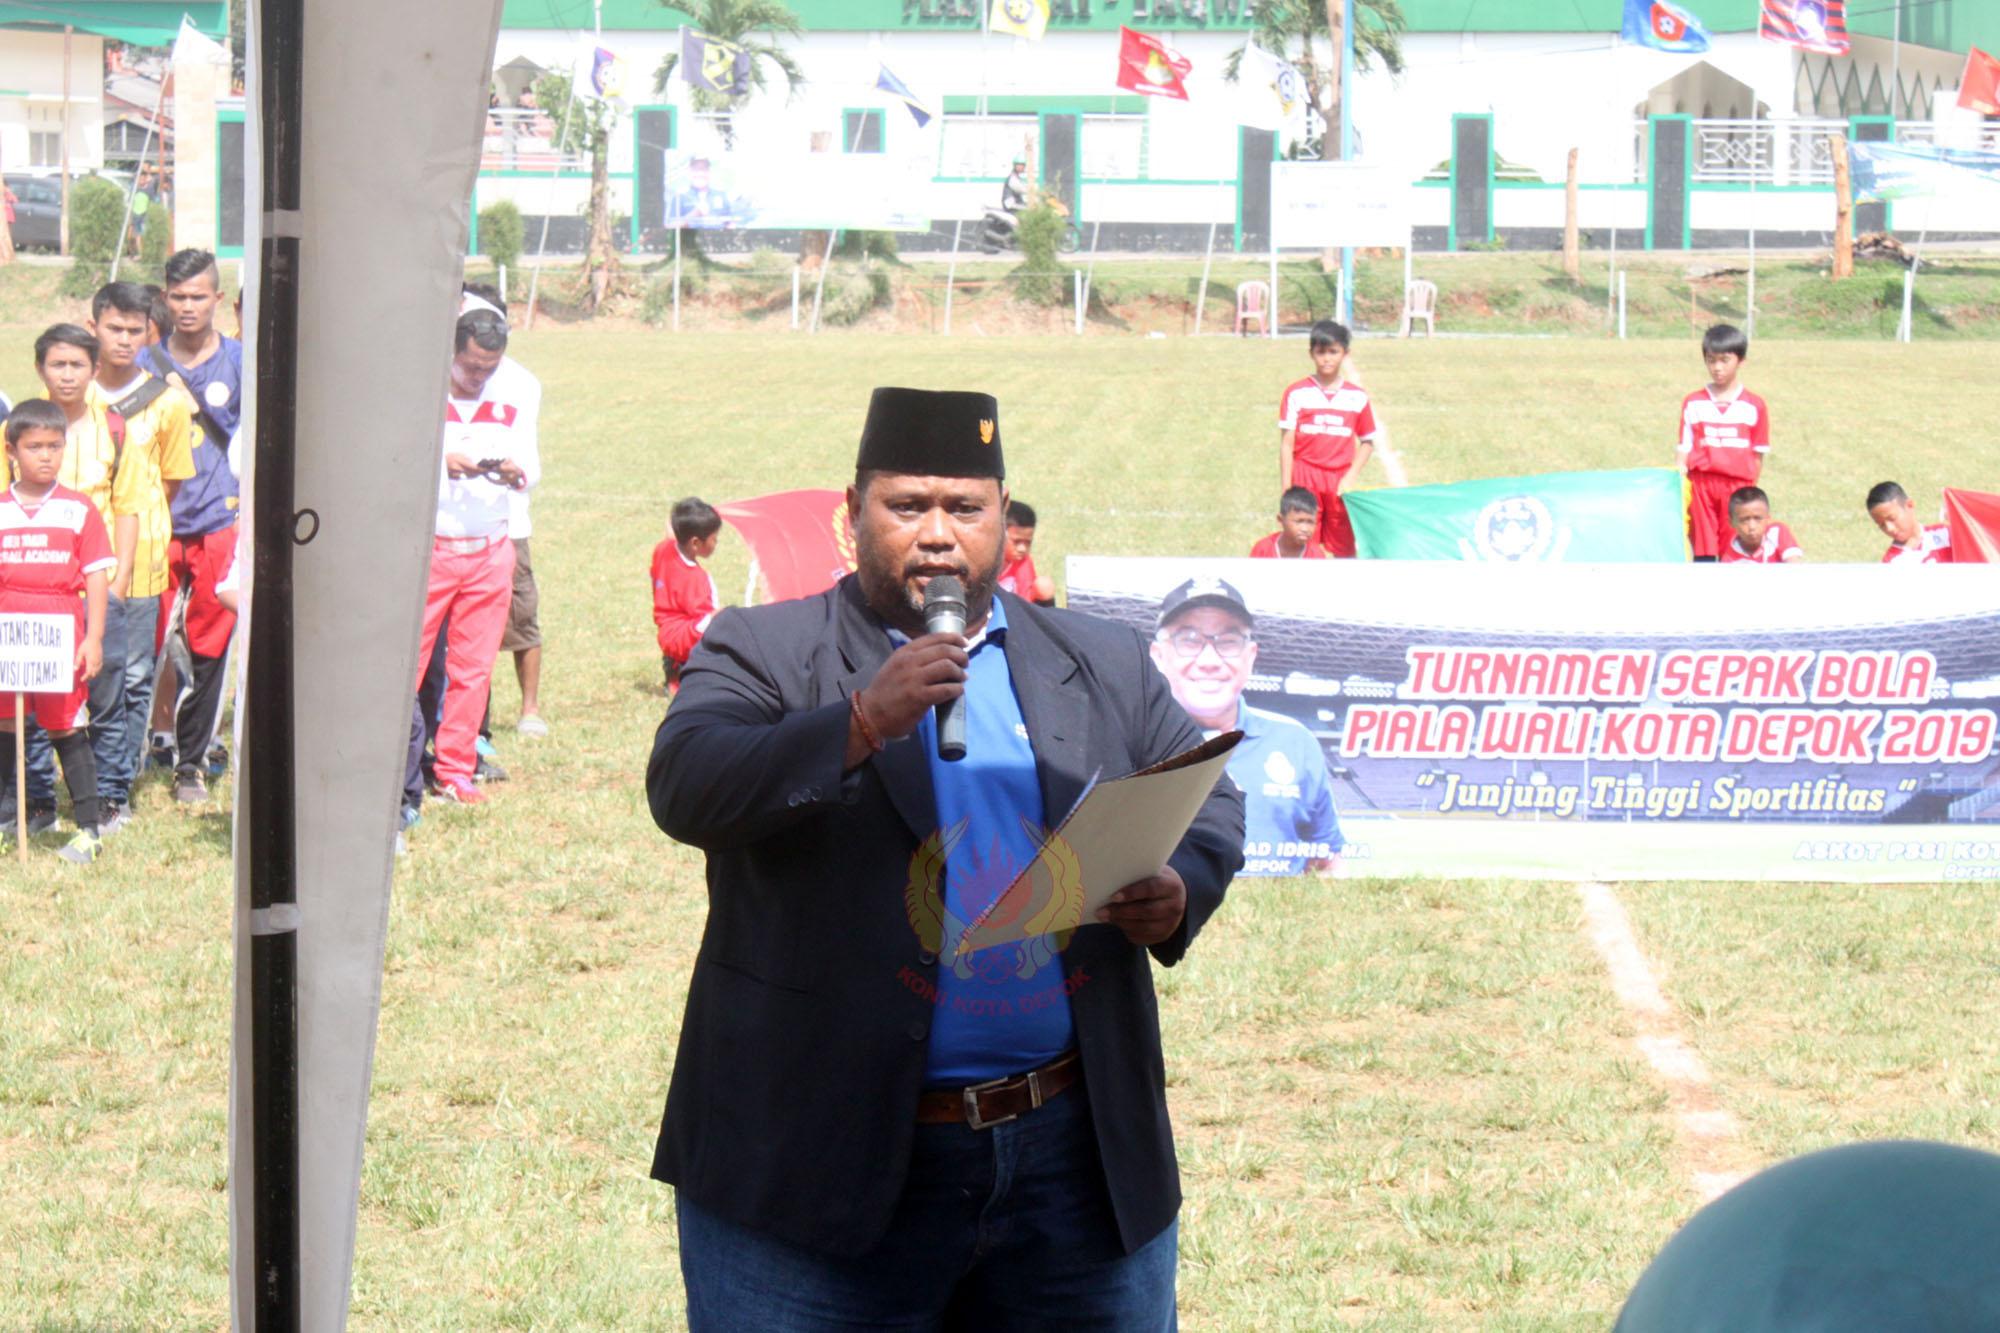 Wahyu Ramdani selaku ketua panitia Turnamen memberikan sambutan di acara turnamen sepakbola piala Walikota Depok 2019 dilapangan Hawai,Sabtu (09/02/19).